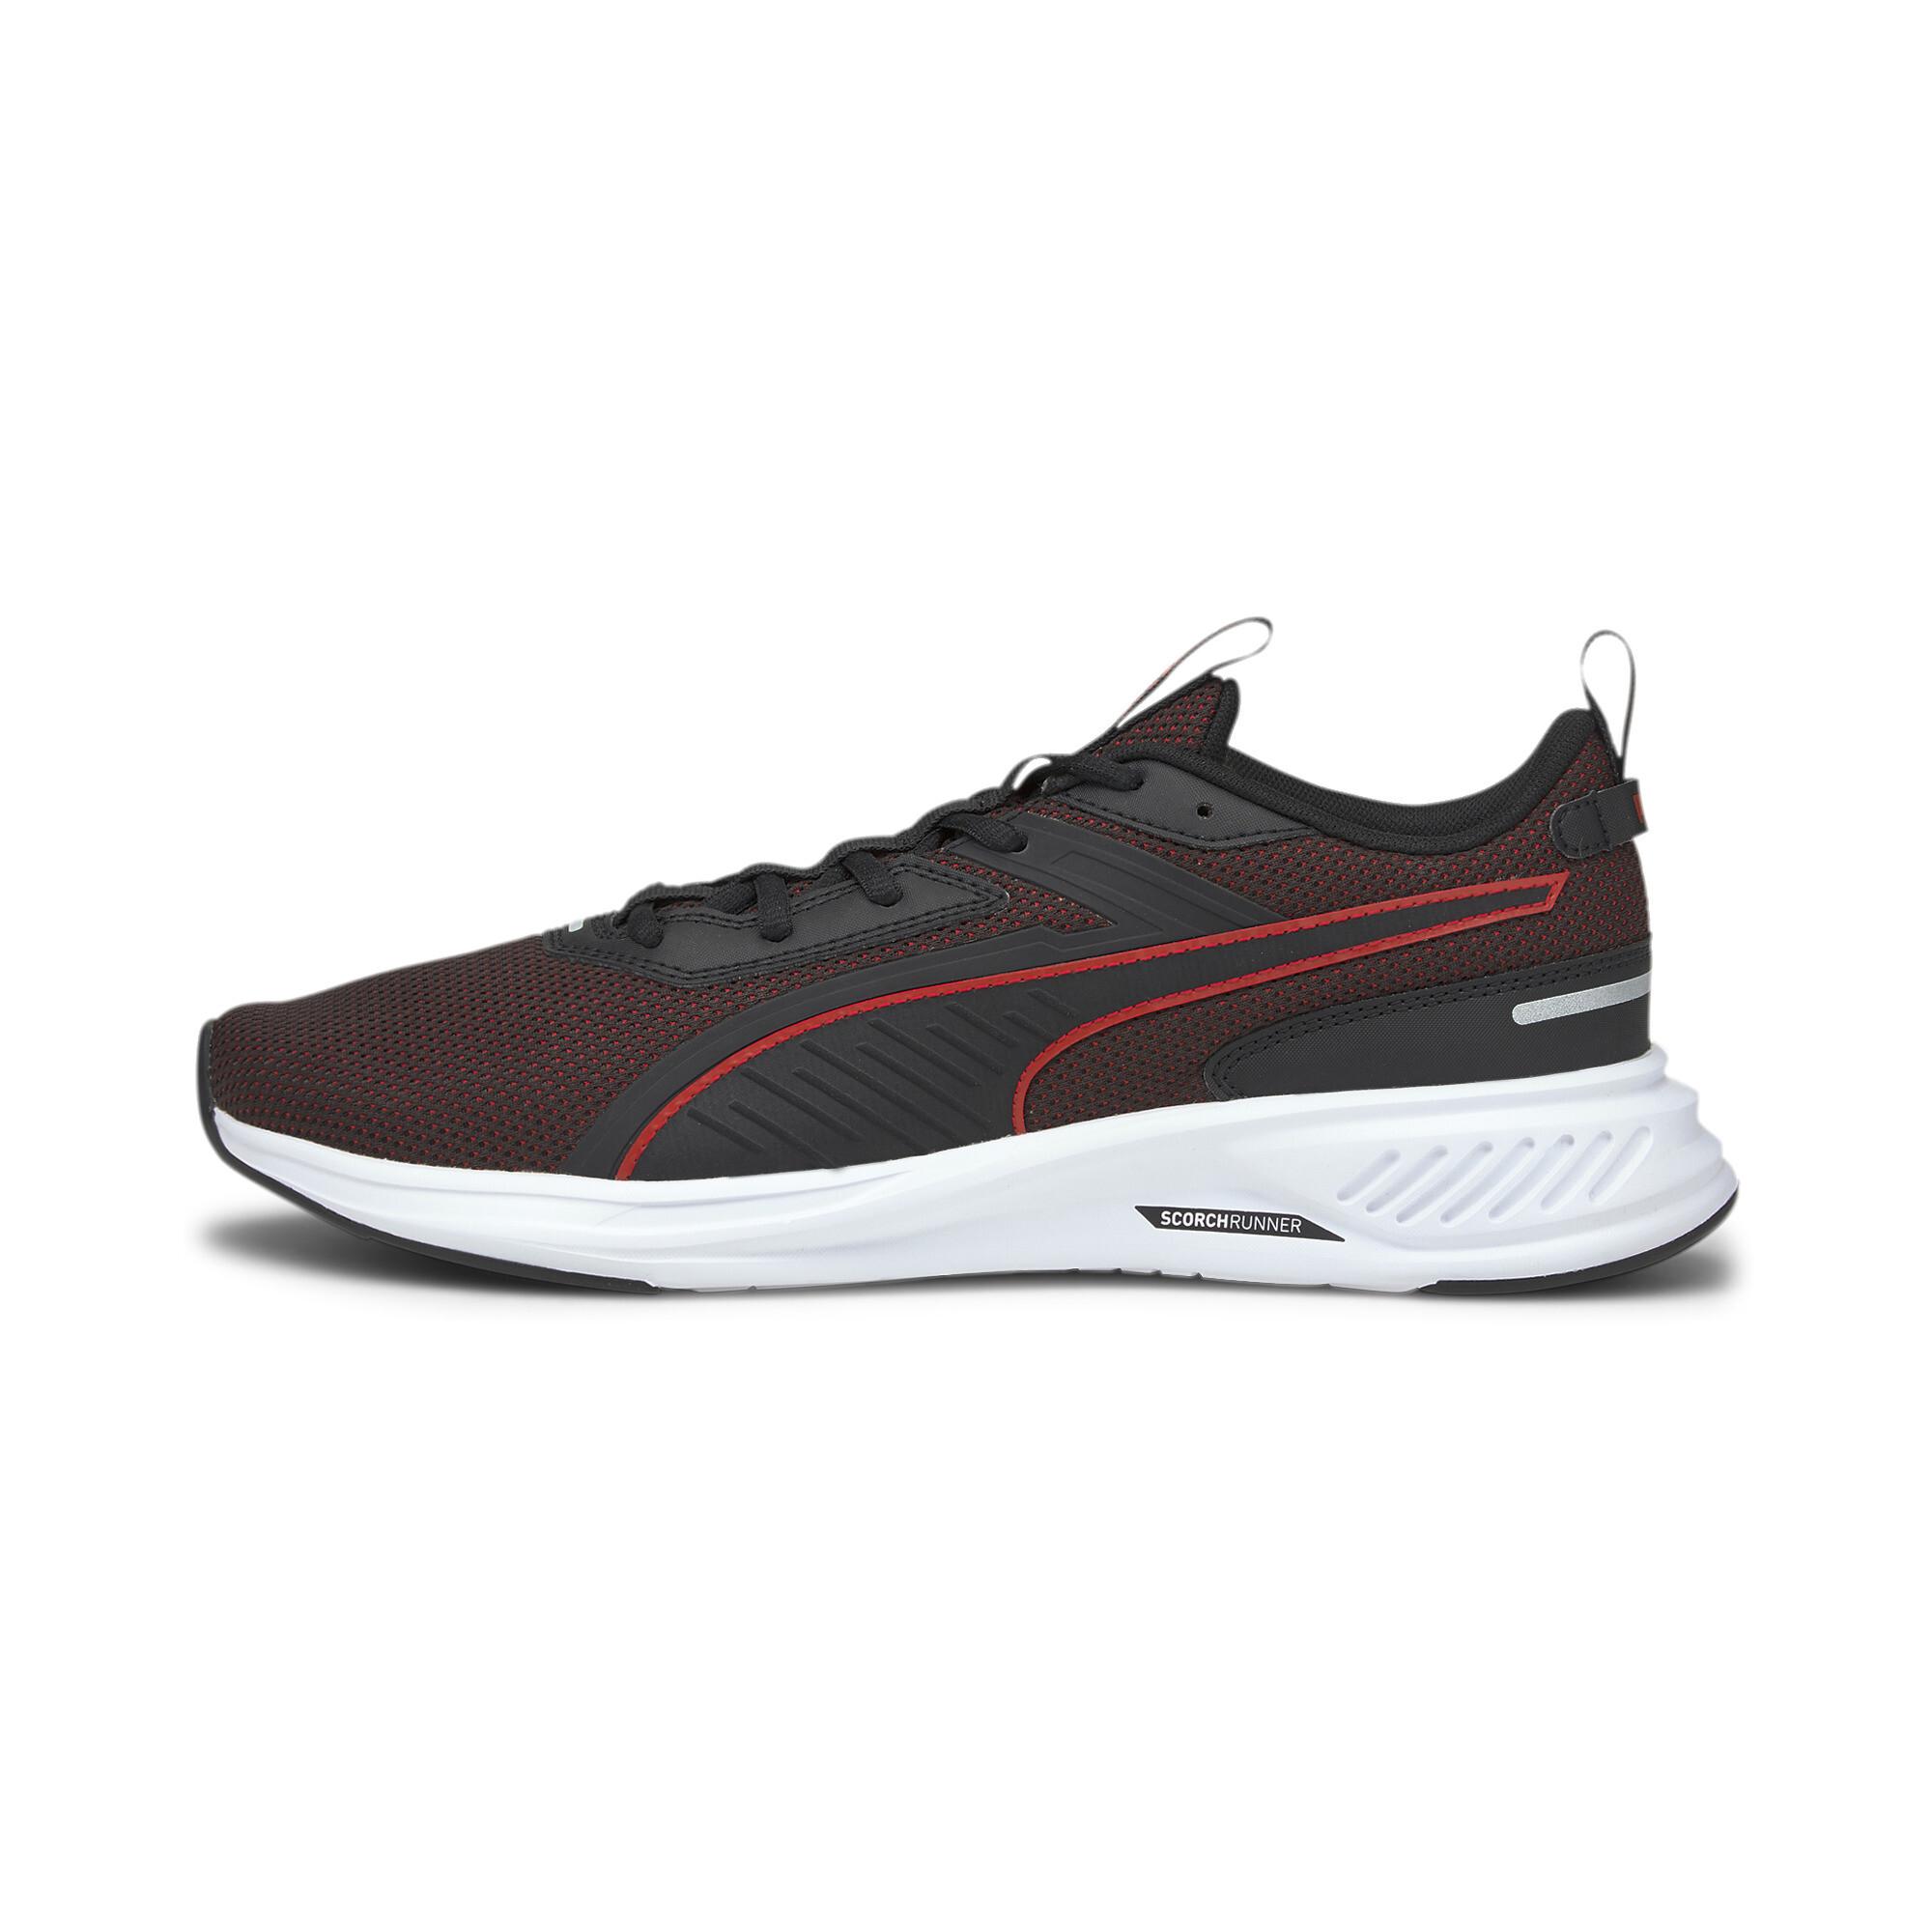 thumbnail 5 - Puma Men's Scorch Runner Running Shoes